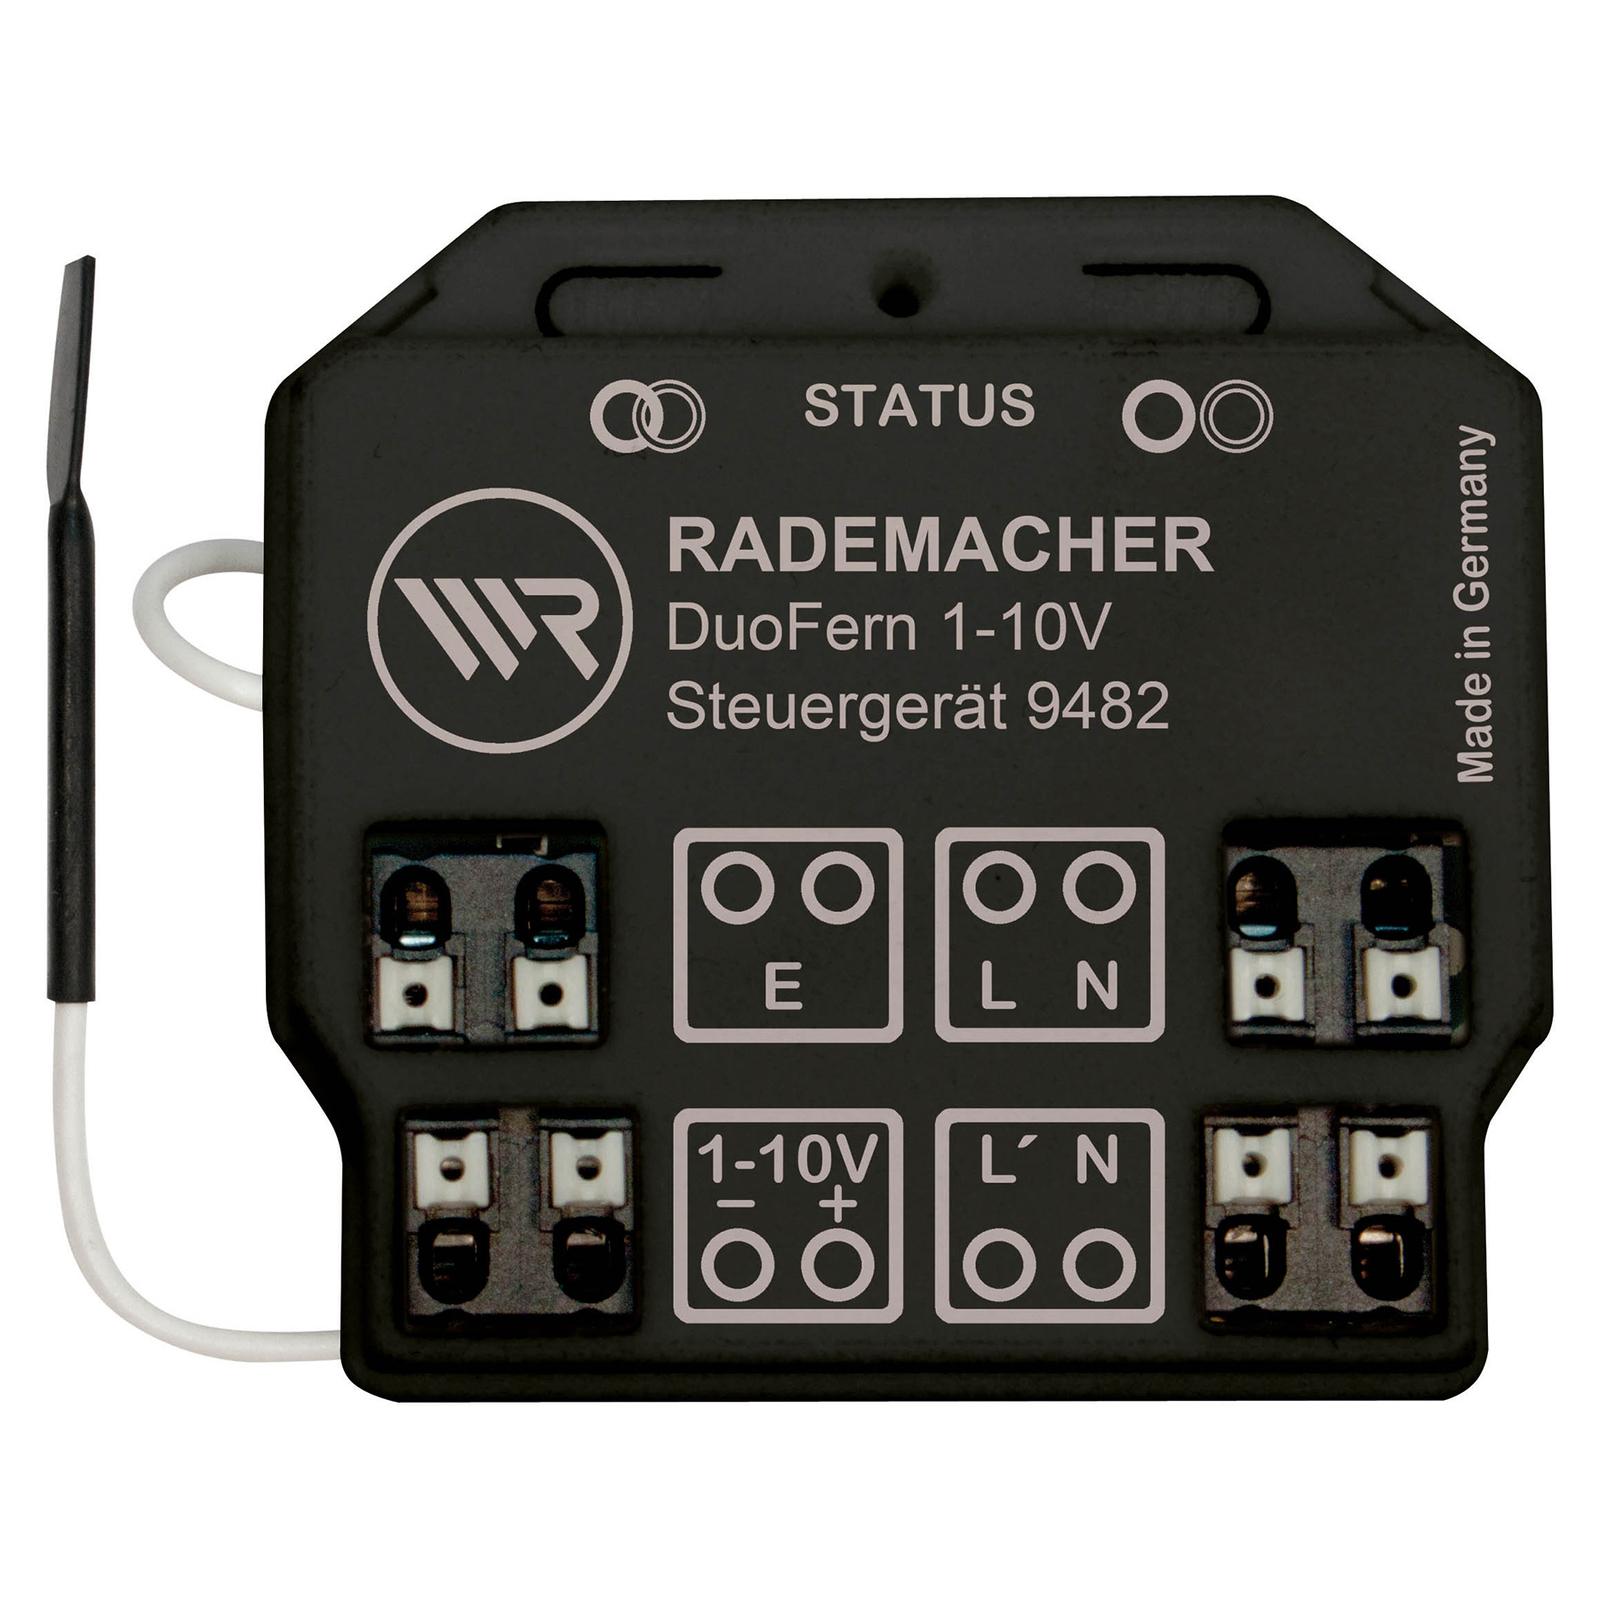 Rademacher DuoFern 1-10 V Steuergerät Dimmaktor